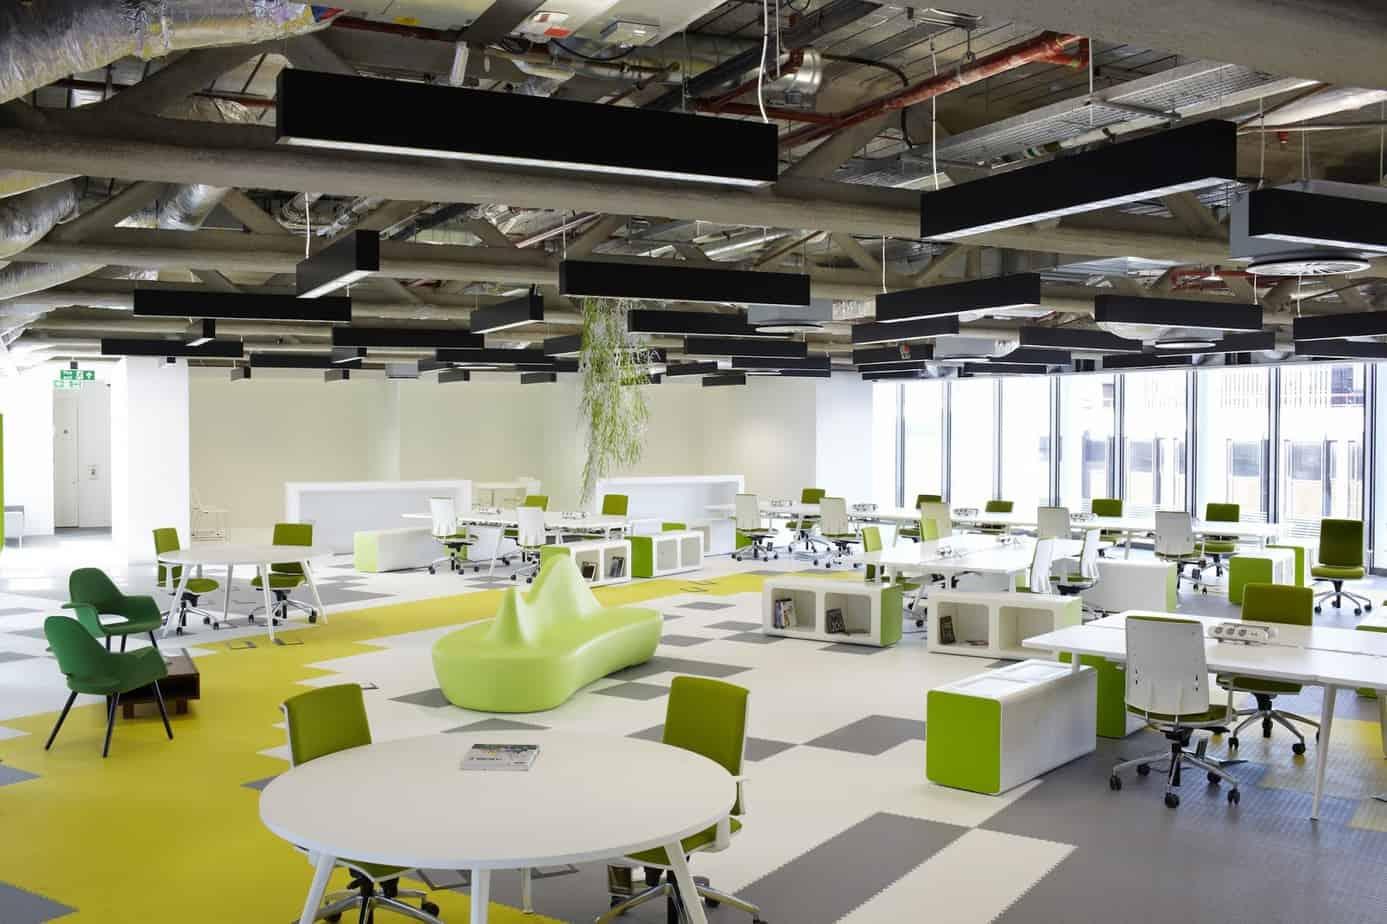 Top 8 Lưu Ý Khi Thiết Kế Nội Thất Phòng Làm Việc -  - lưu ý thiết kế phòng làm việc | Mẫu thiết kế nội thất đẹp 33